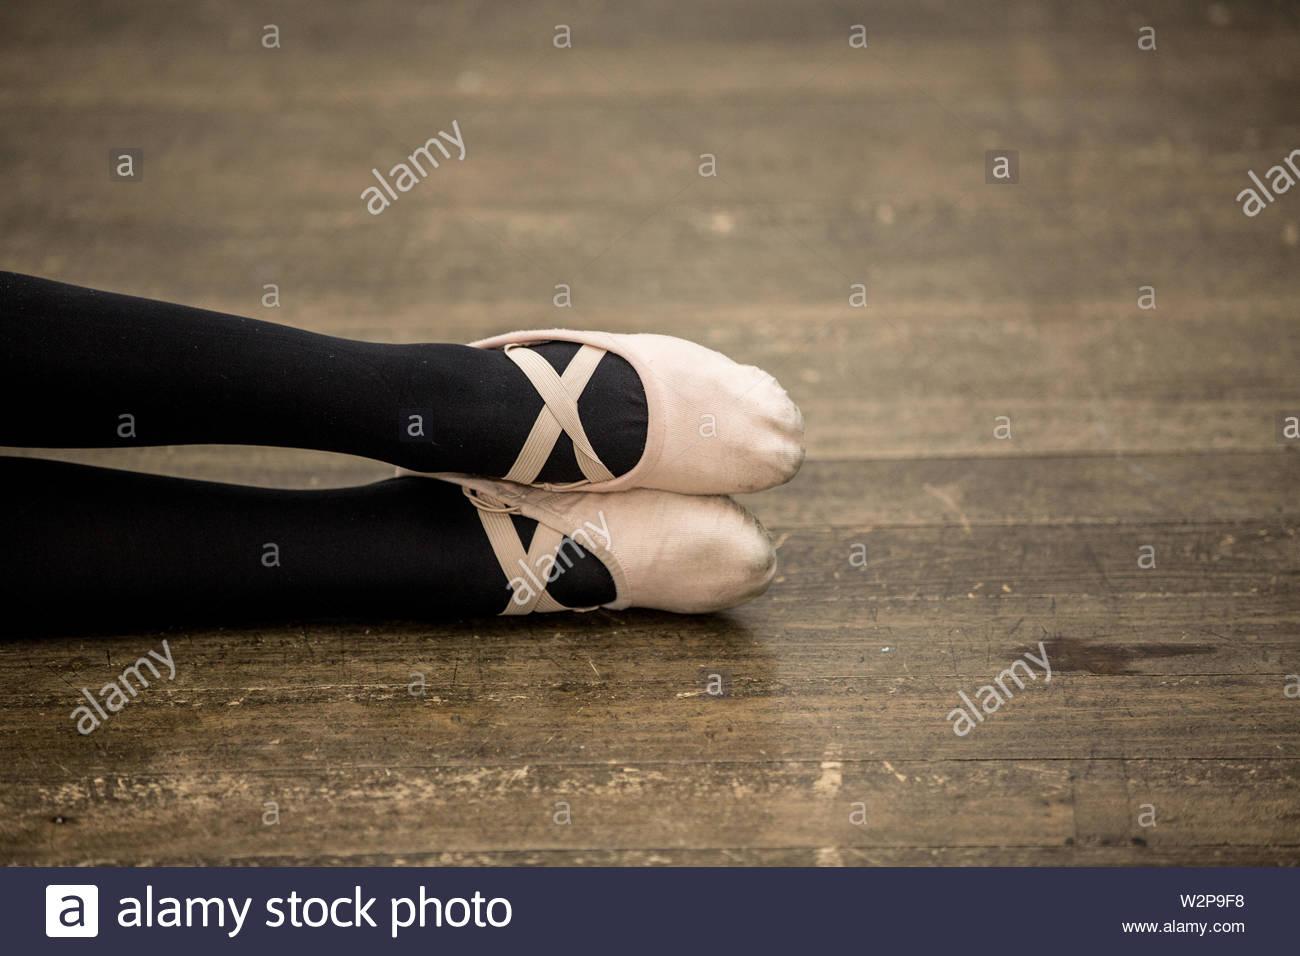 Black Stockings Stock Photos & Black Stockings Stock Images - Alamy